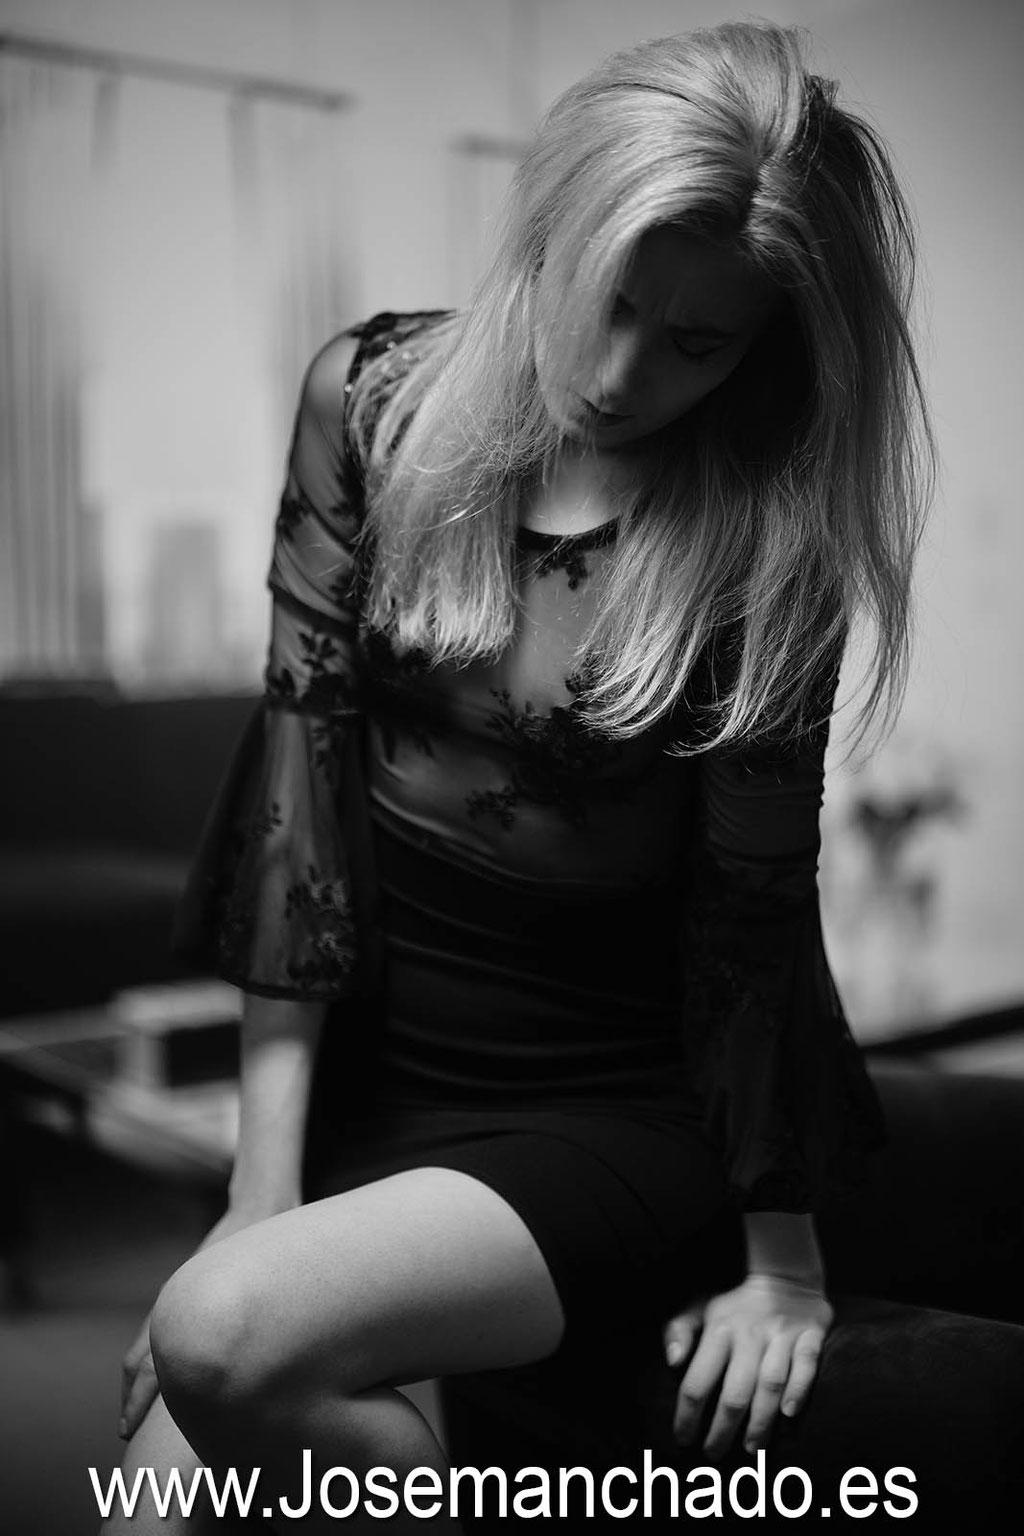 retrato en blanco y negro, book elegante, sesion fotos elegantes, fotografía elegante, fotos blanco y negro elegantes